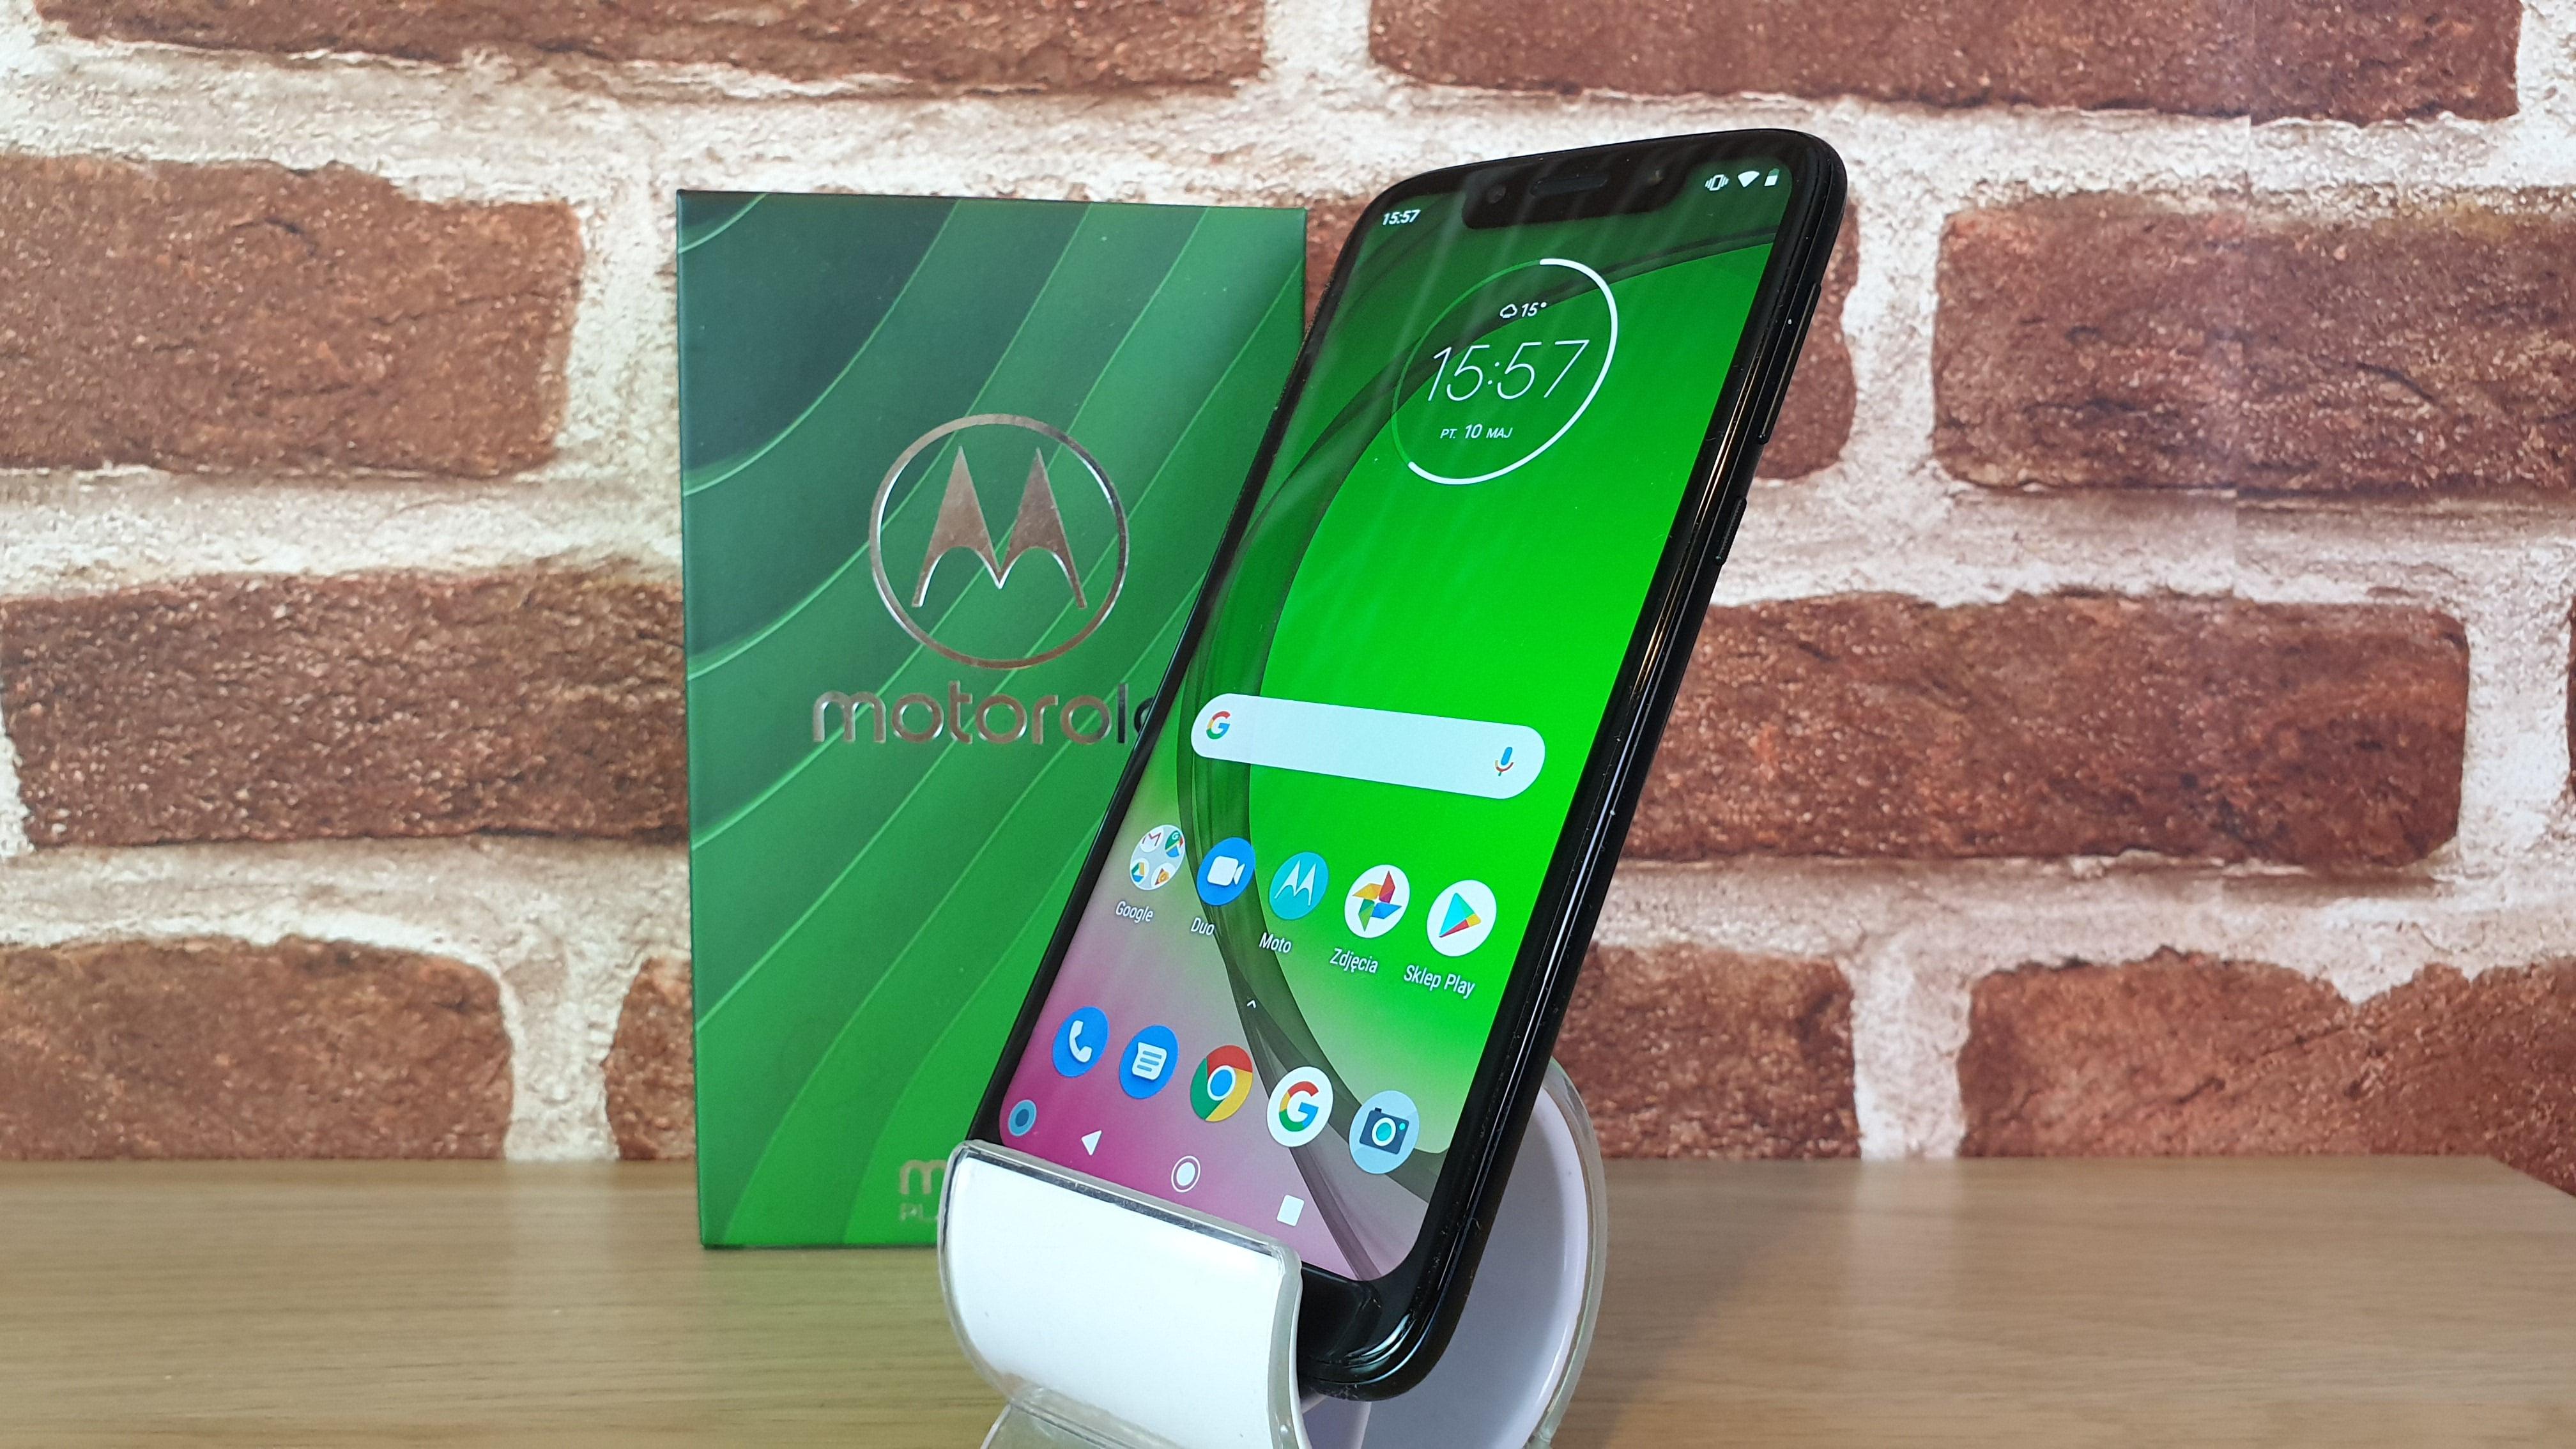 Recenzja Motoroli Moto G7 Play - czy to najlepszy smartfon do 700 złotych? 21